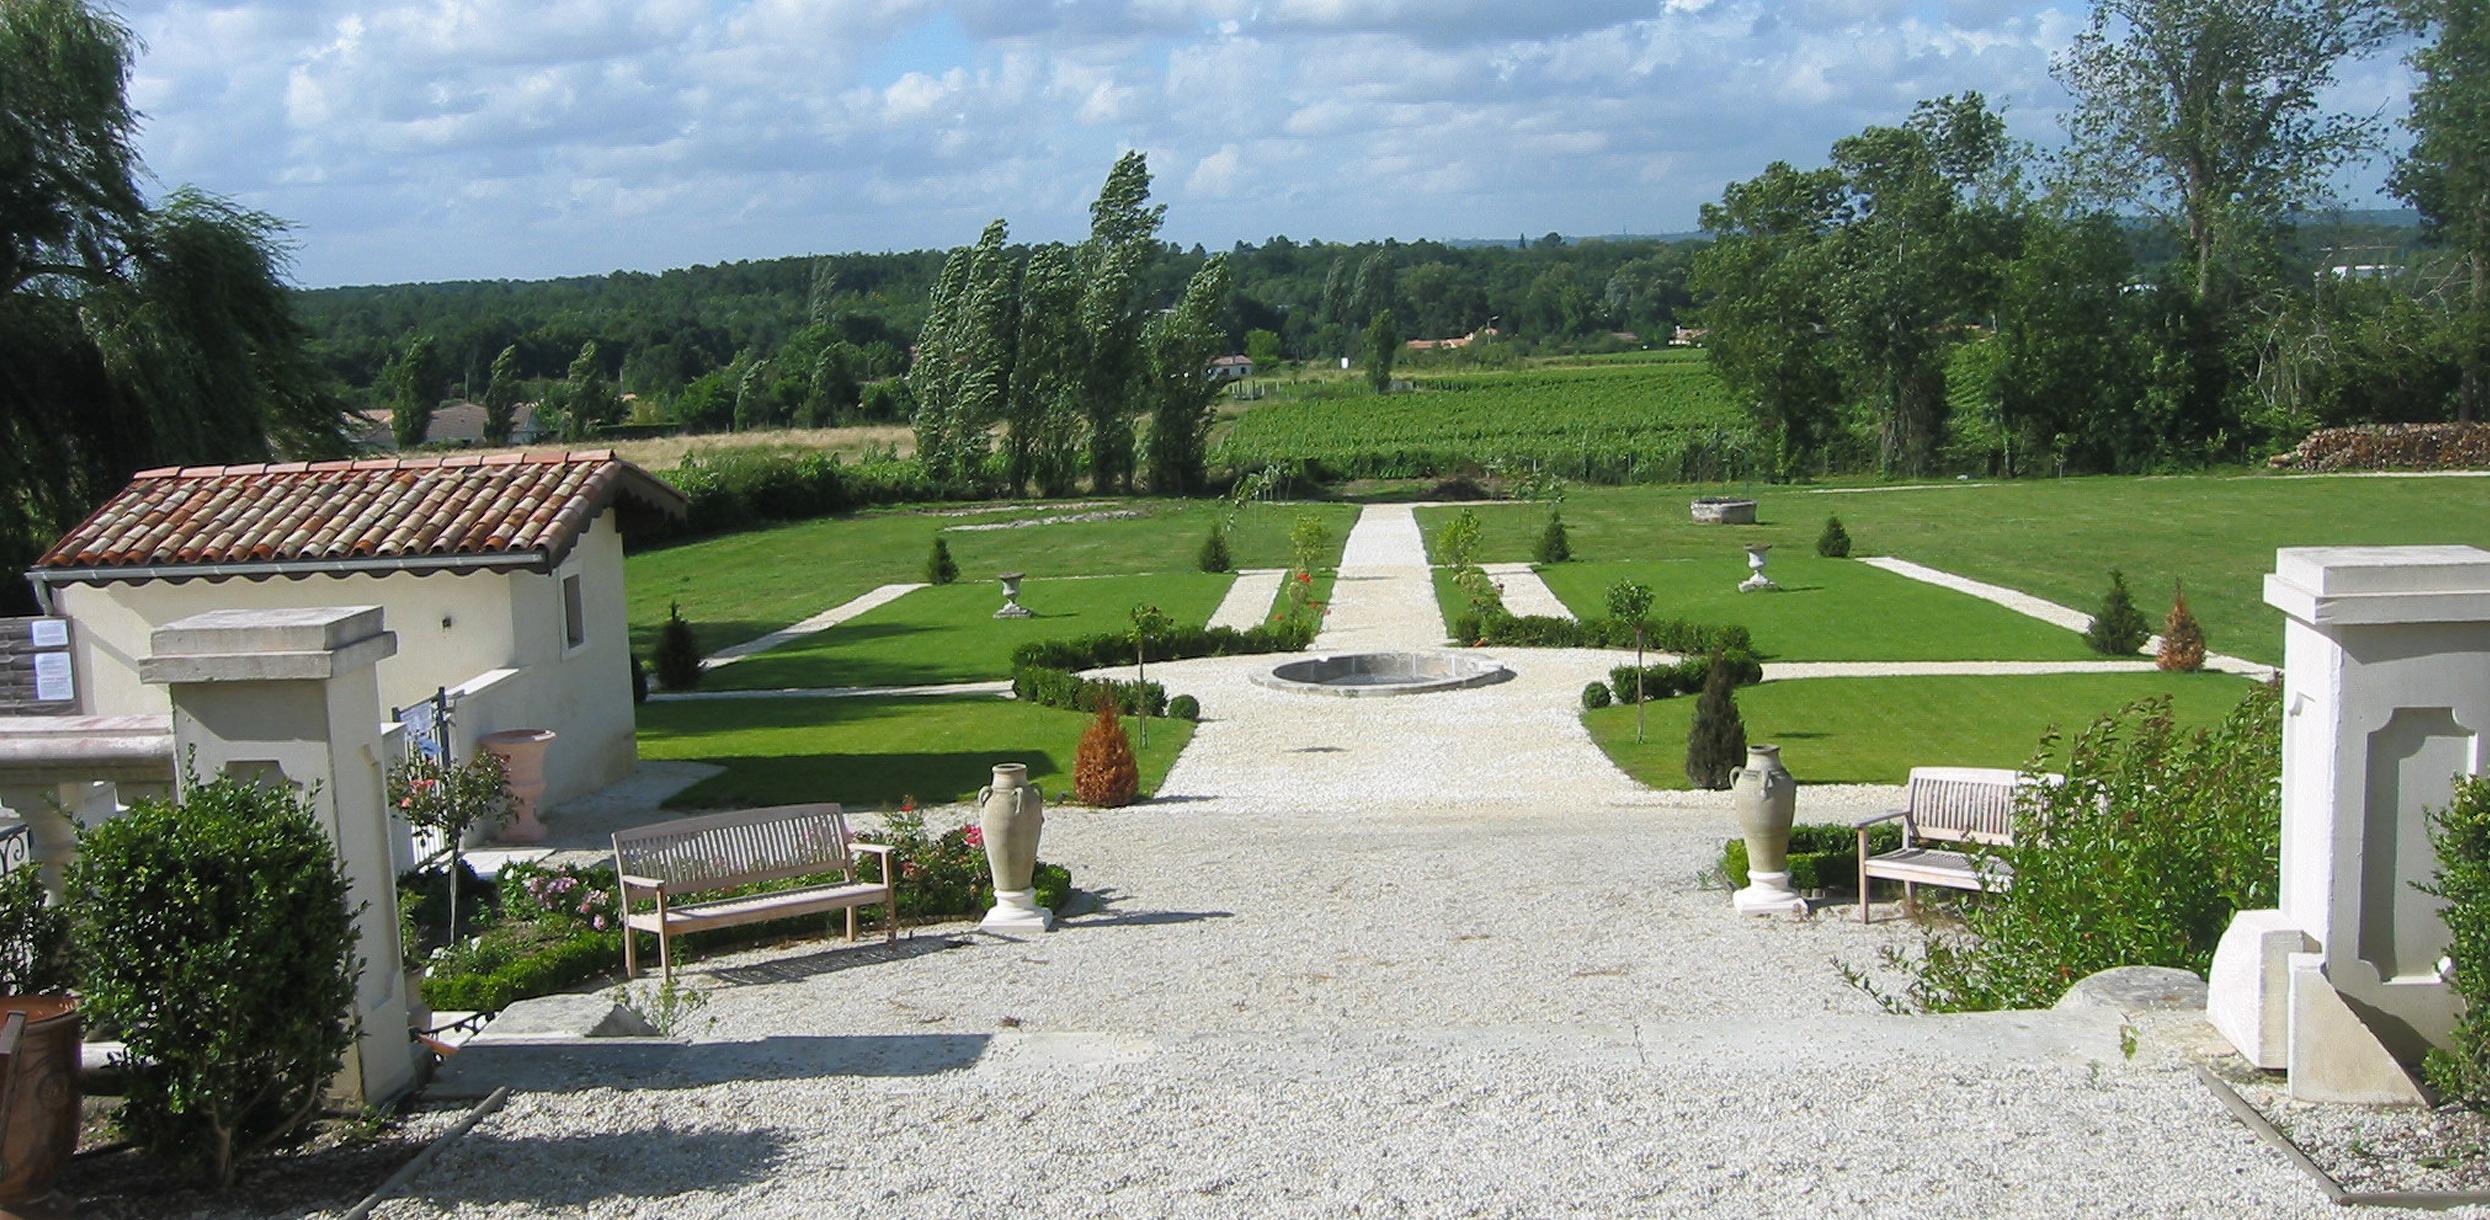 Chateau de Lantic garden